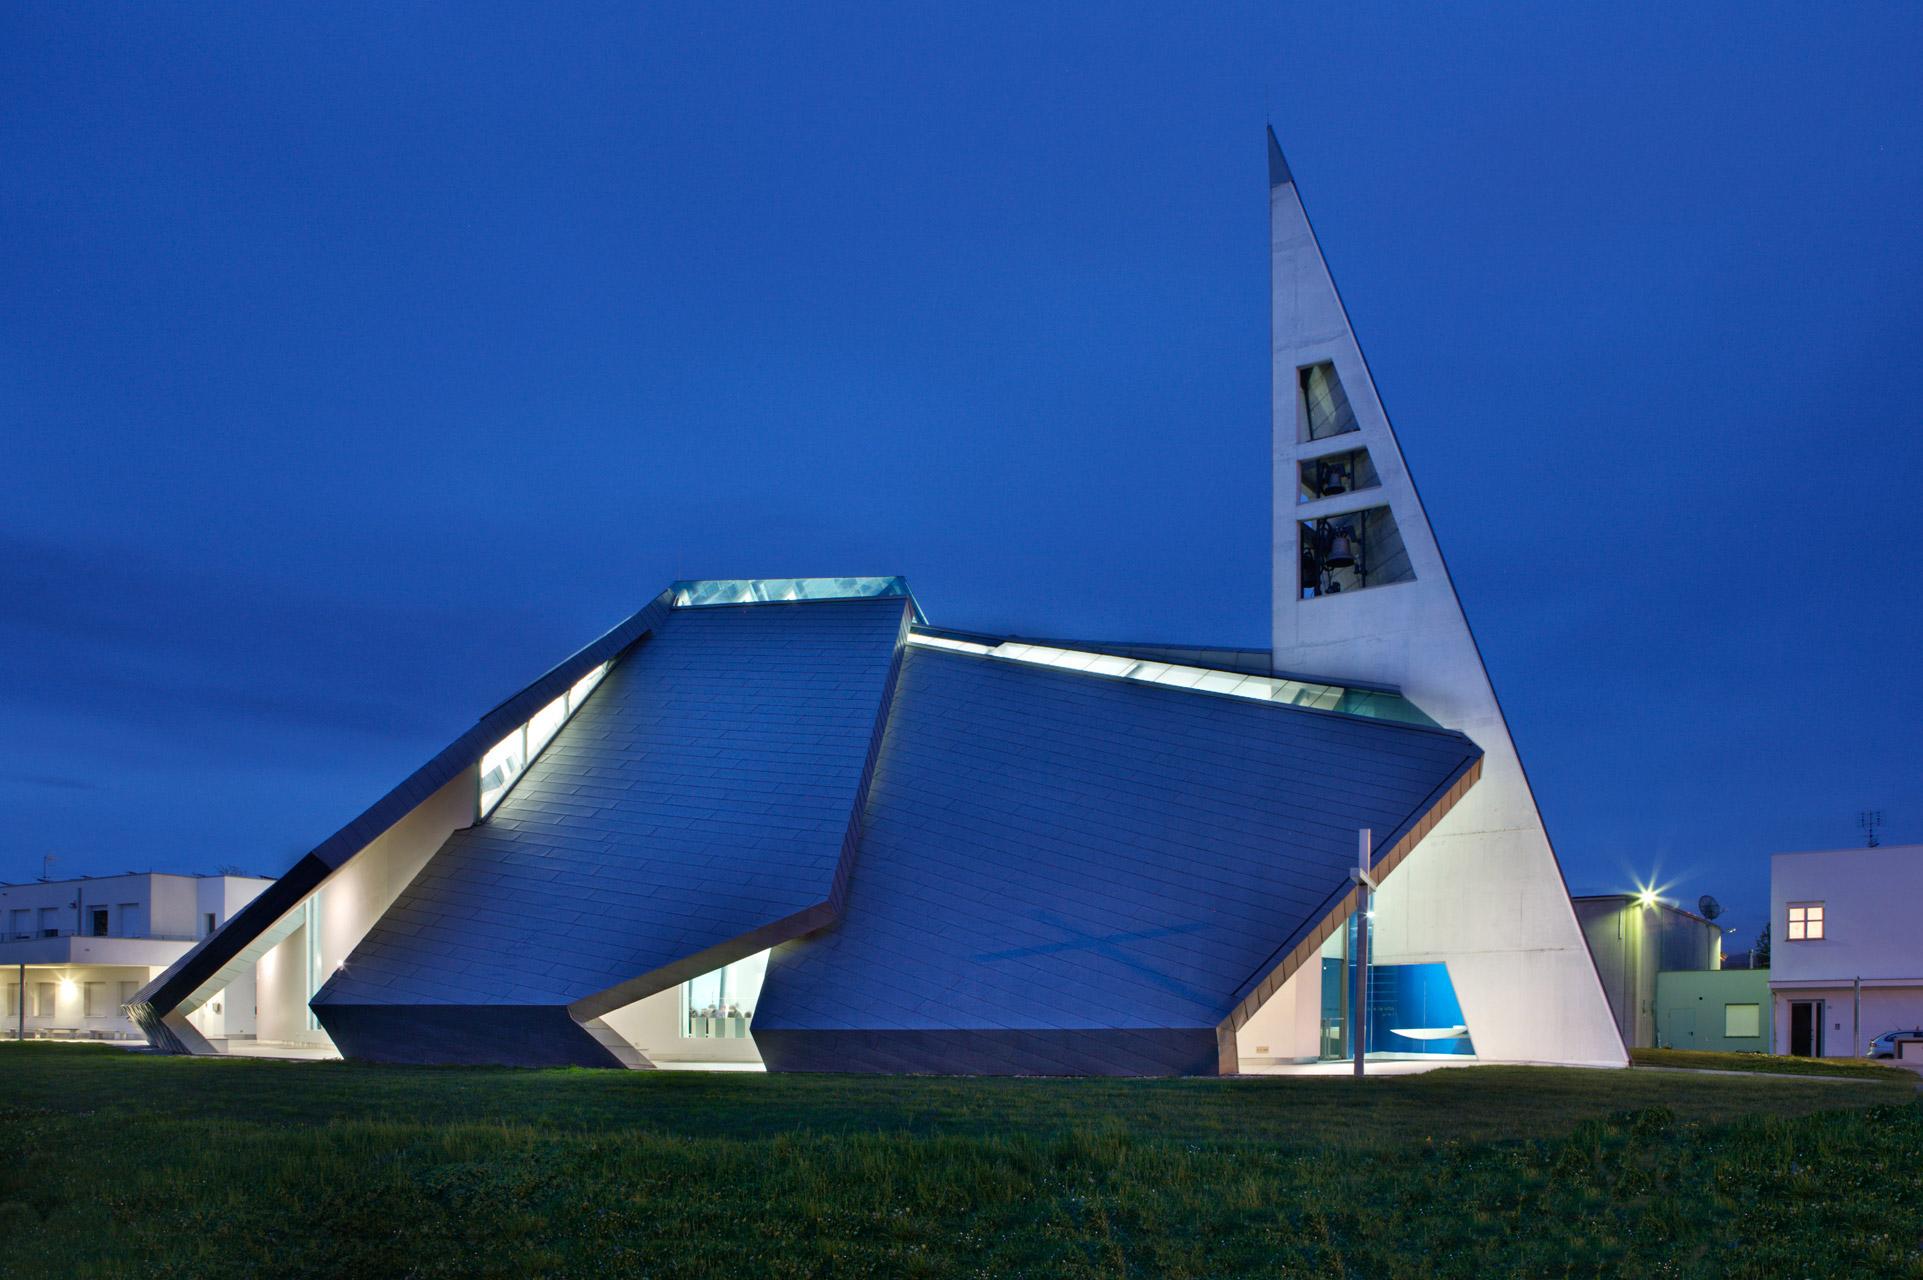 chiesa trasfigurazione